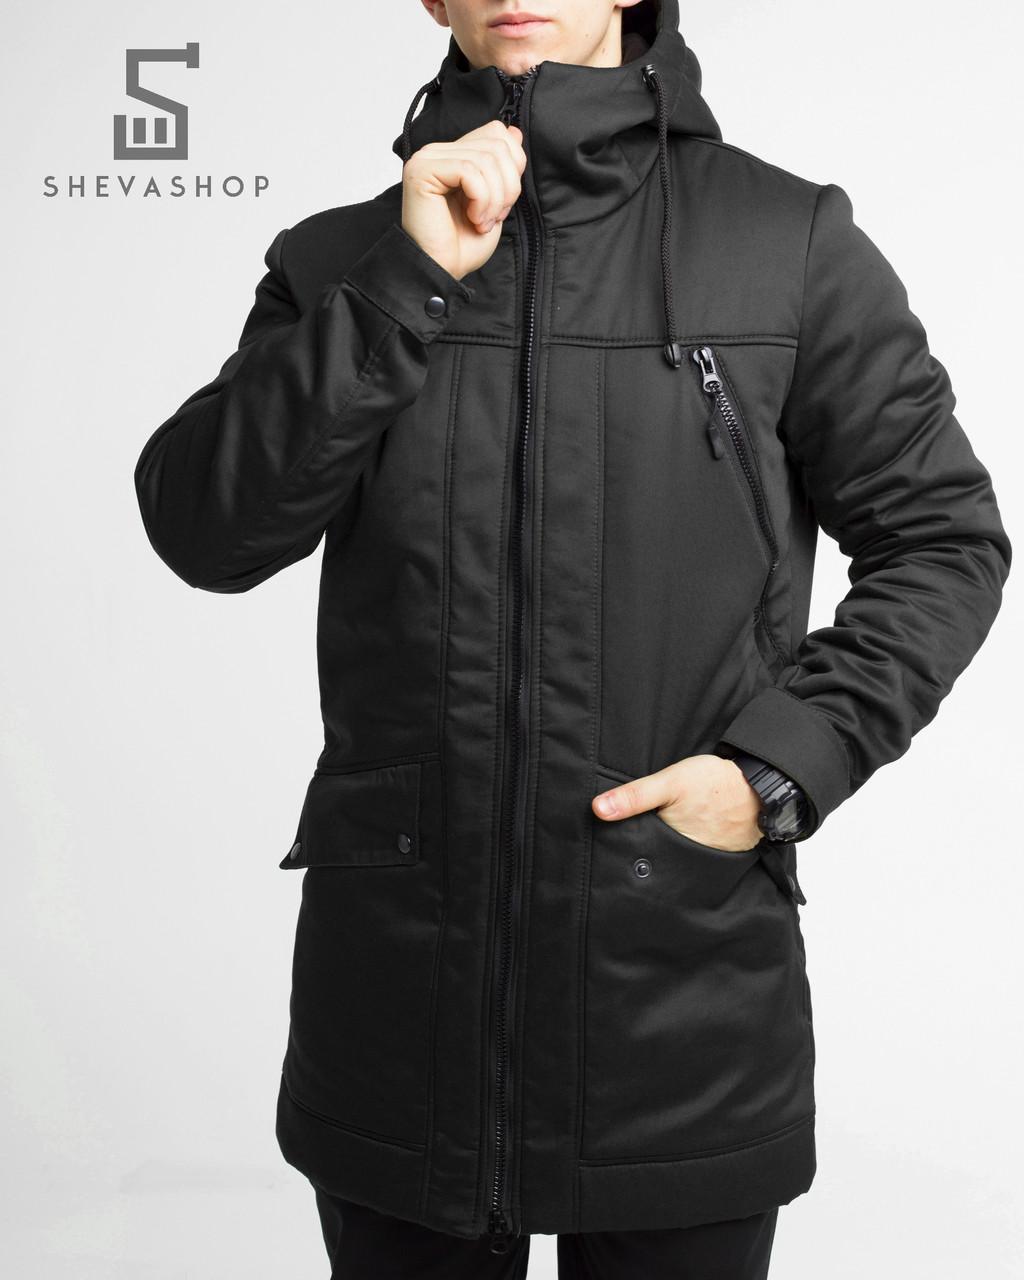 6f04d1dfa793 Зимняя мужская куртка ТУР Grizli черная